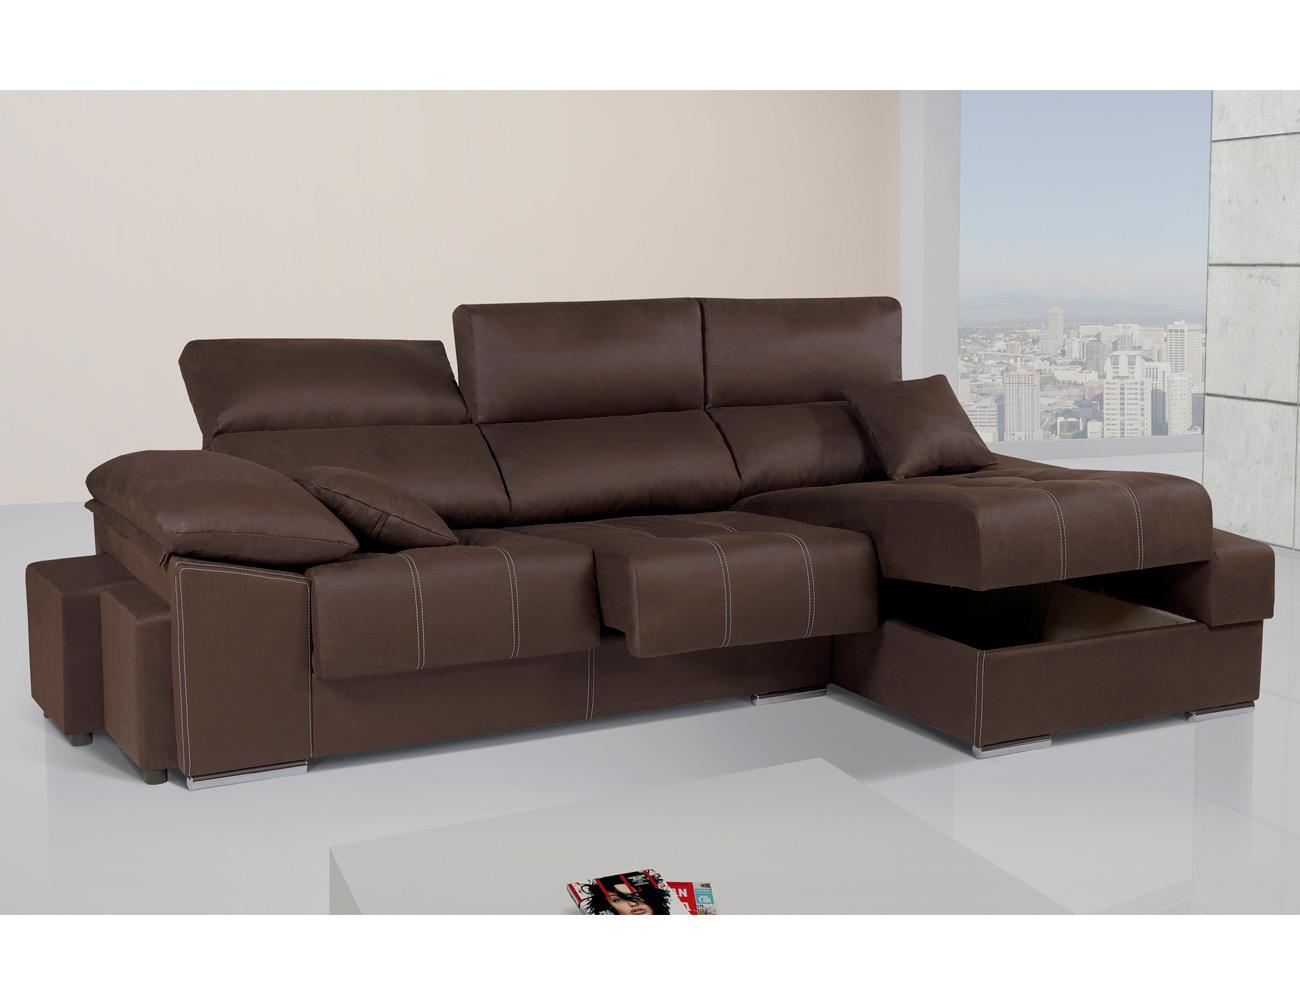 Sof con asientos extra bles y respaldos reclinable con - Tejidos para sofas ...